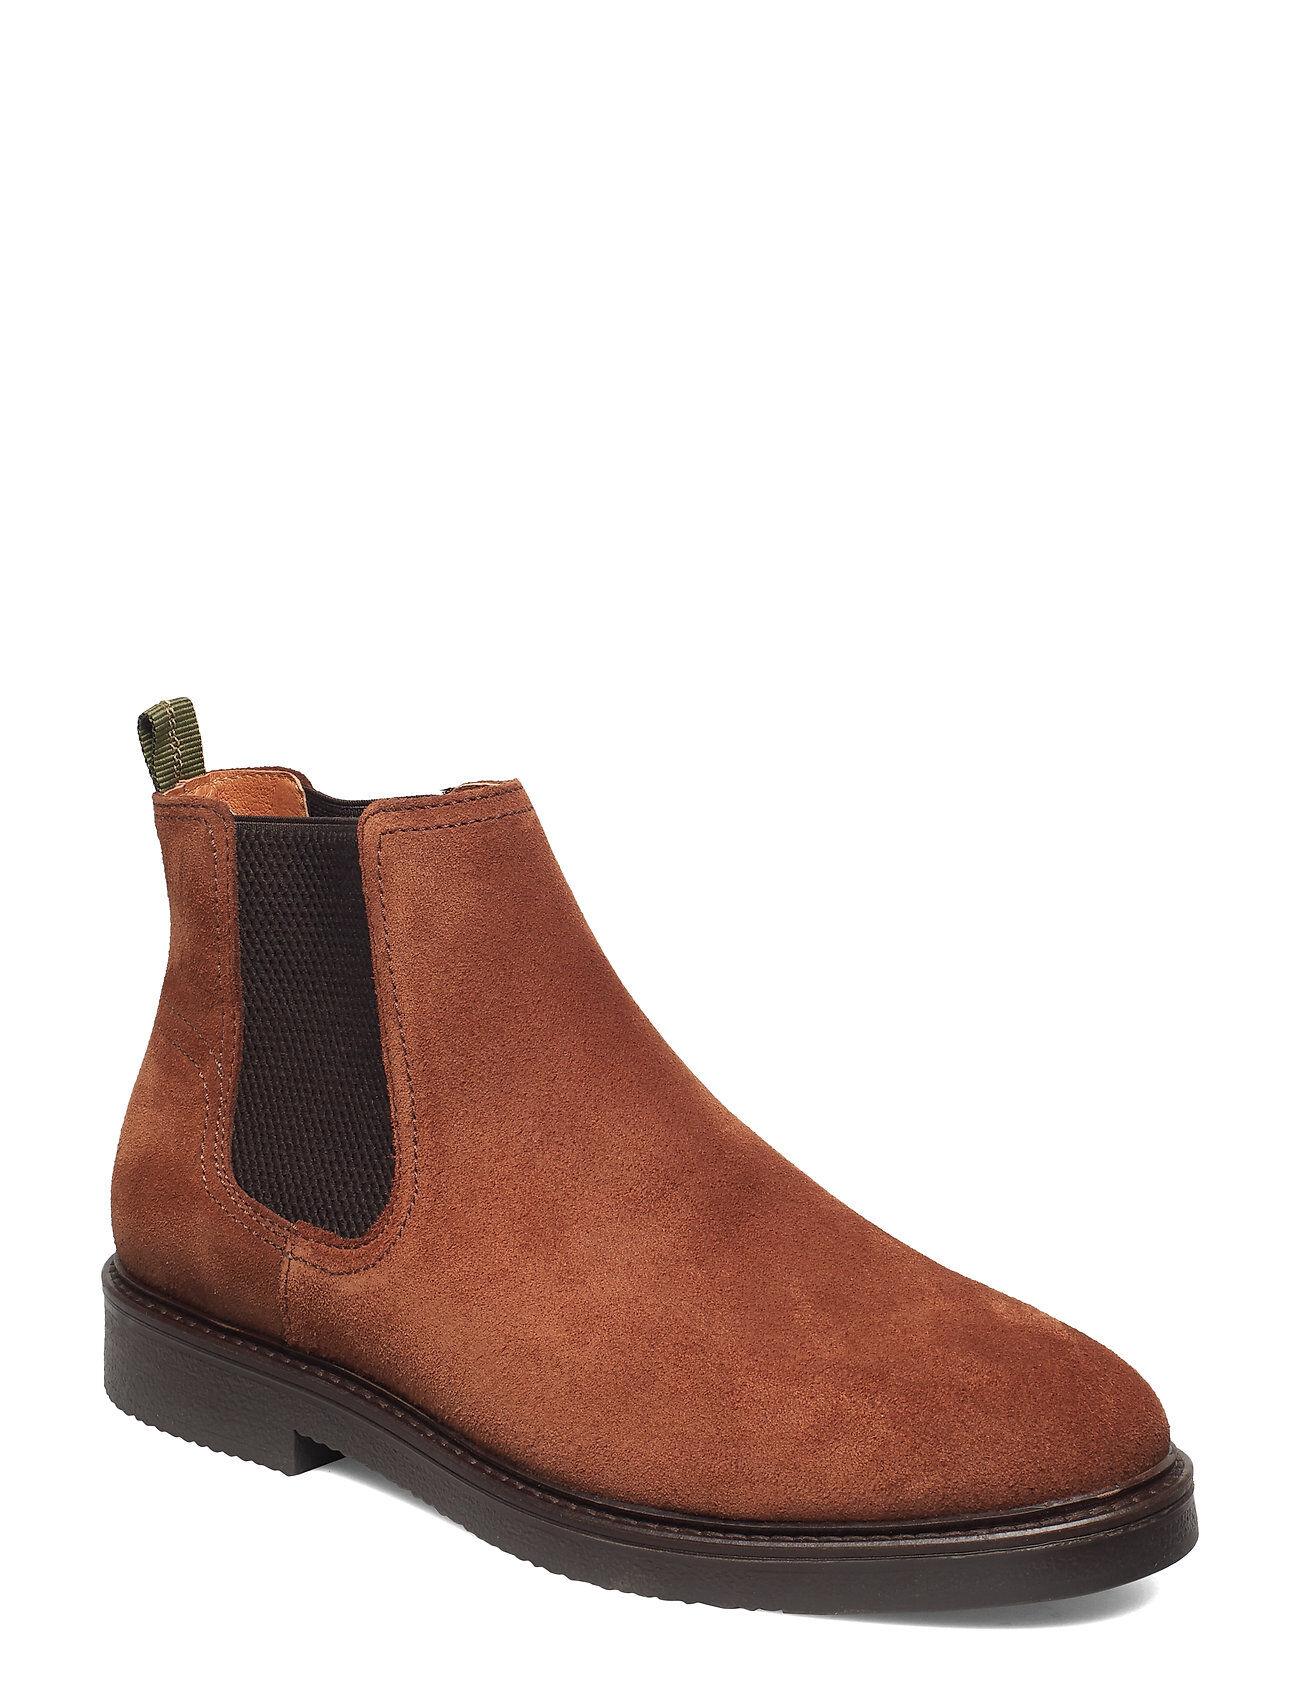 Playboy Footwear Redmond Shoes Chelsea Boots Ruskea Playboy Footwear